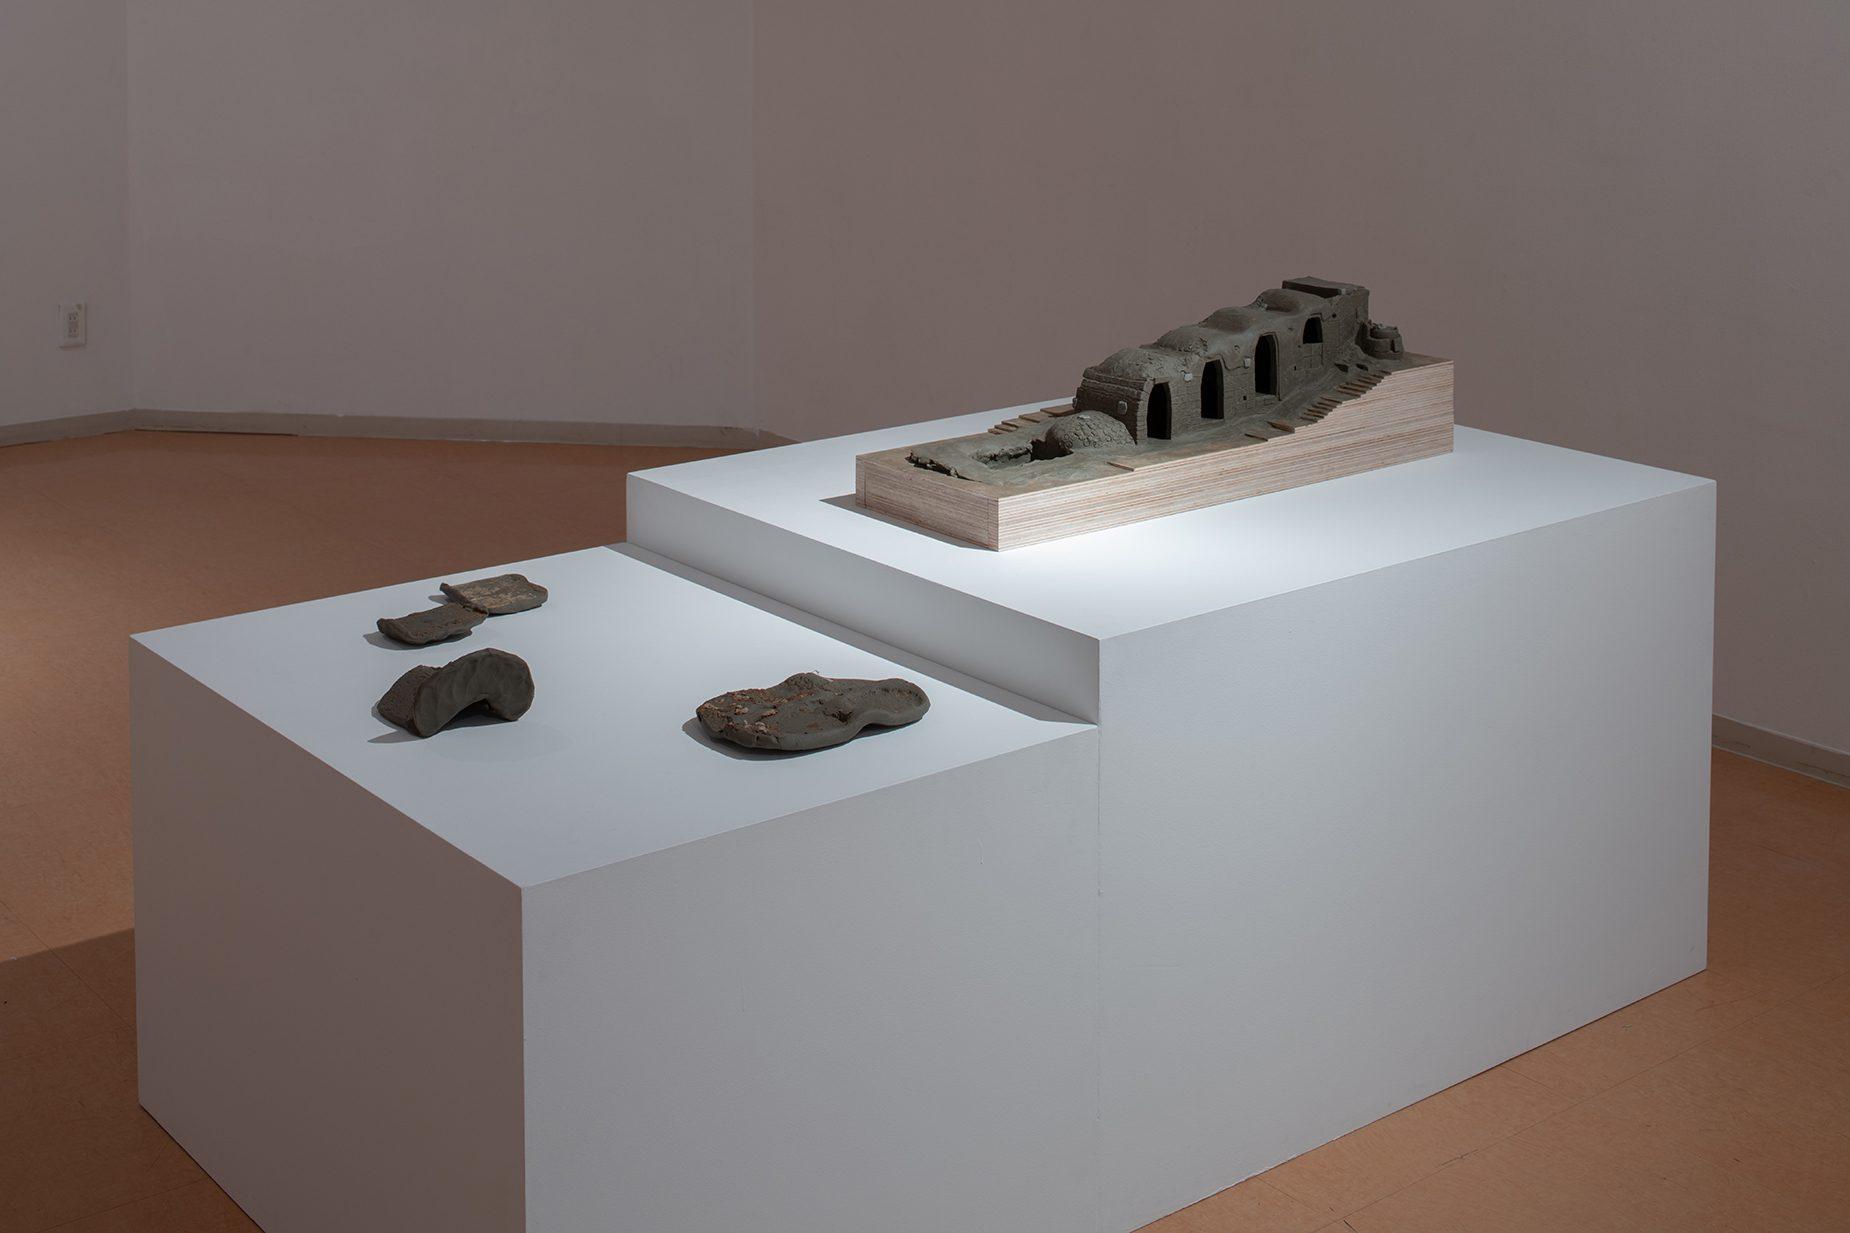 八瀬陶窯の登り窯模型とそのフロッタージュ